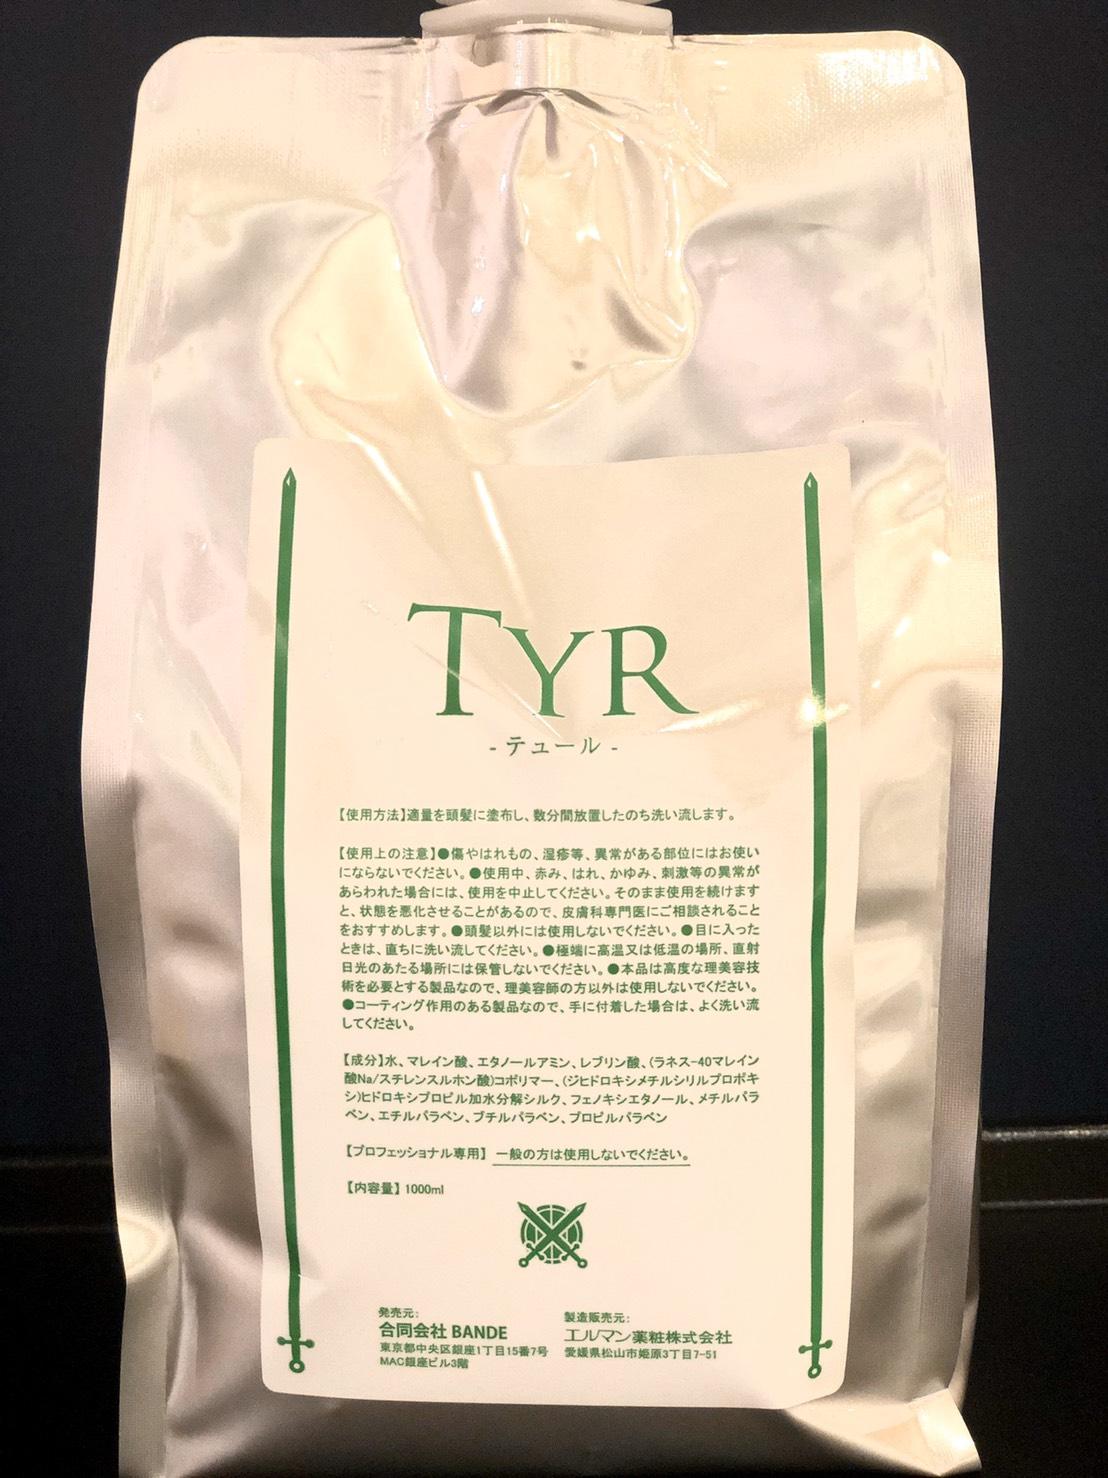 TYR001